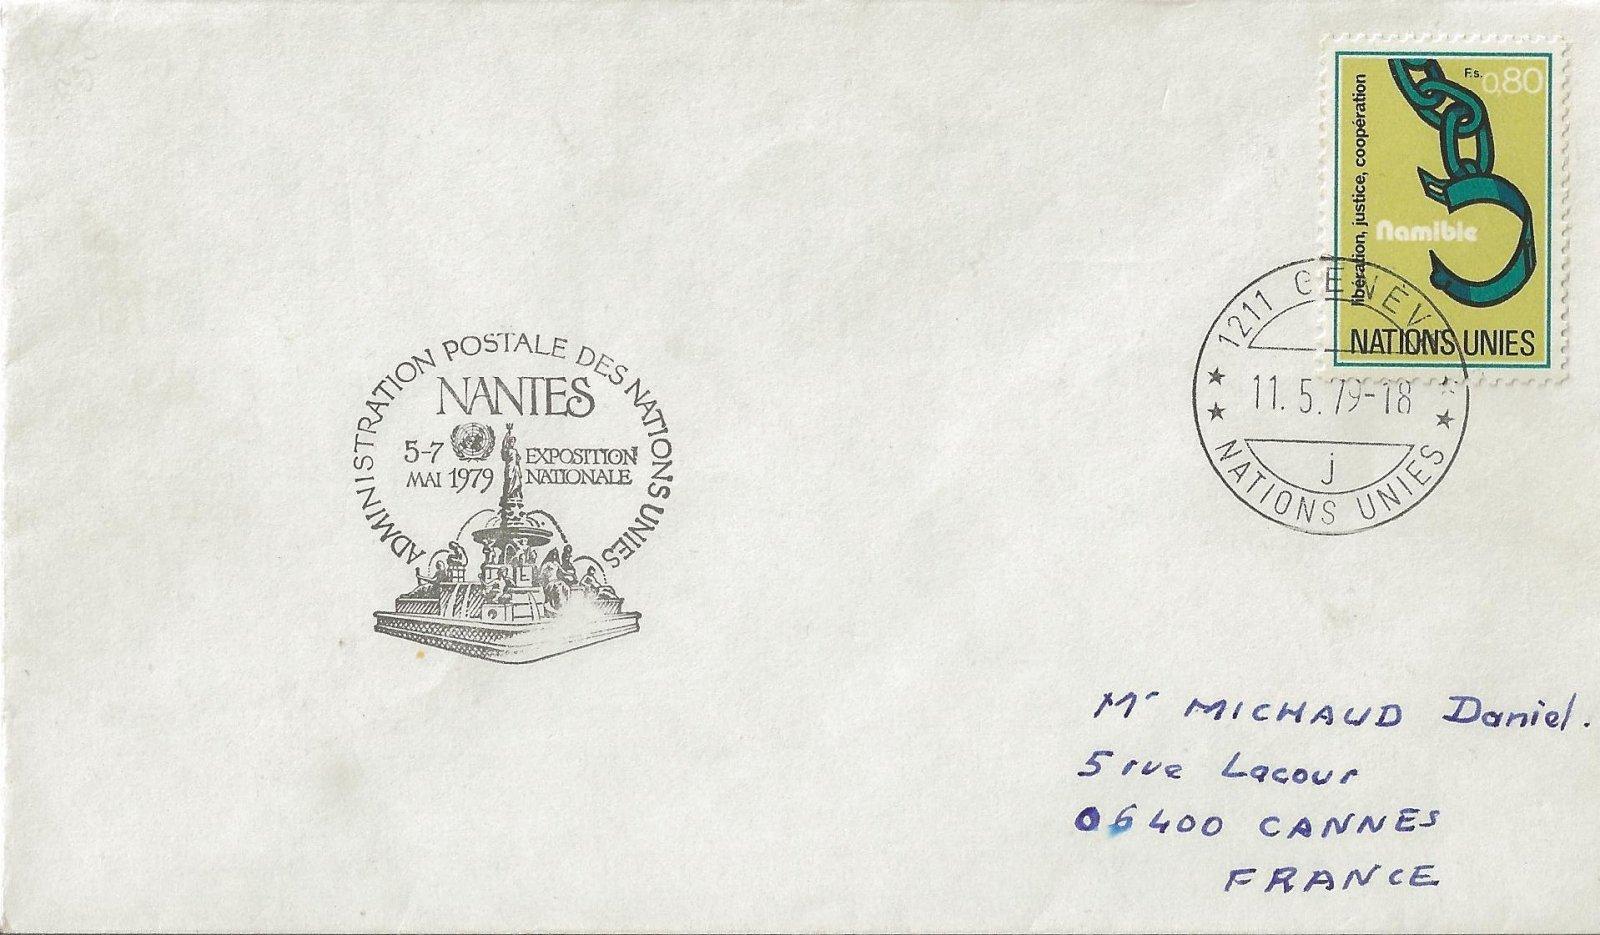 1979 adm postale des nations unies